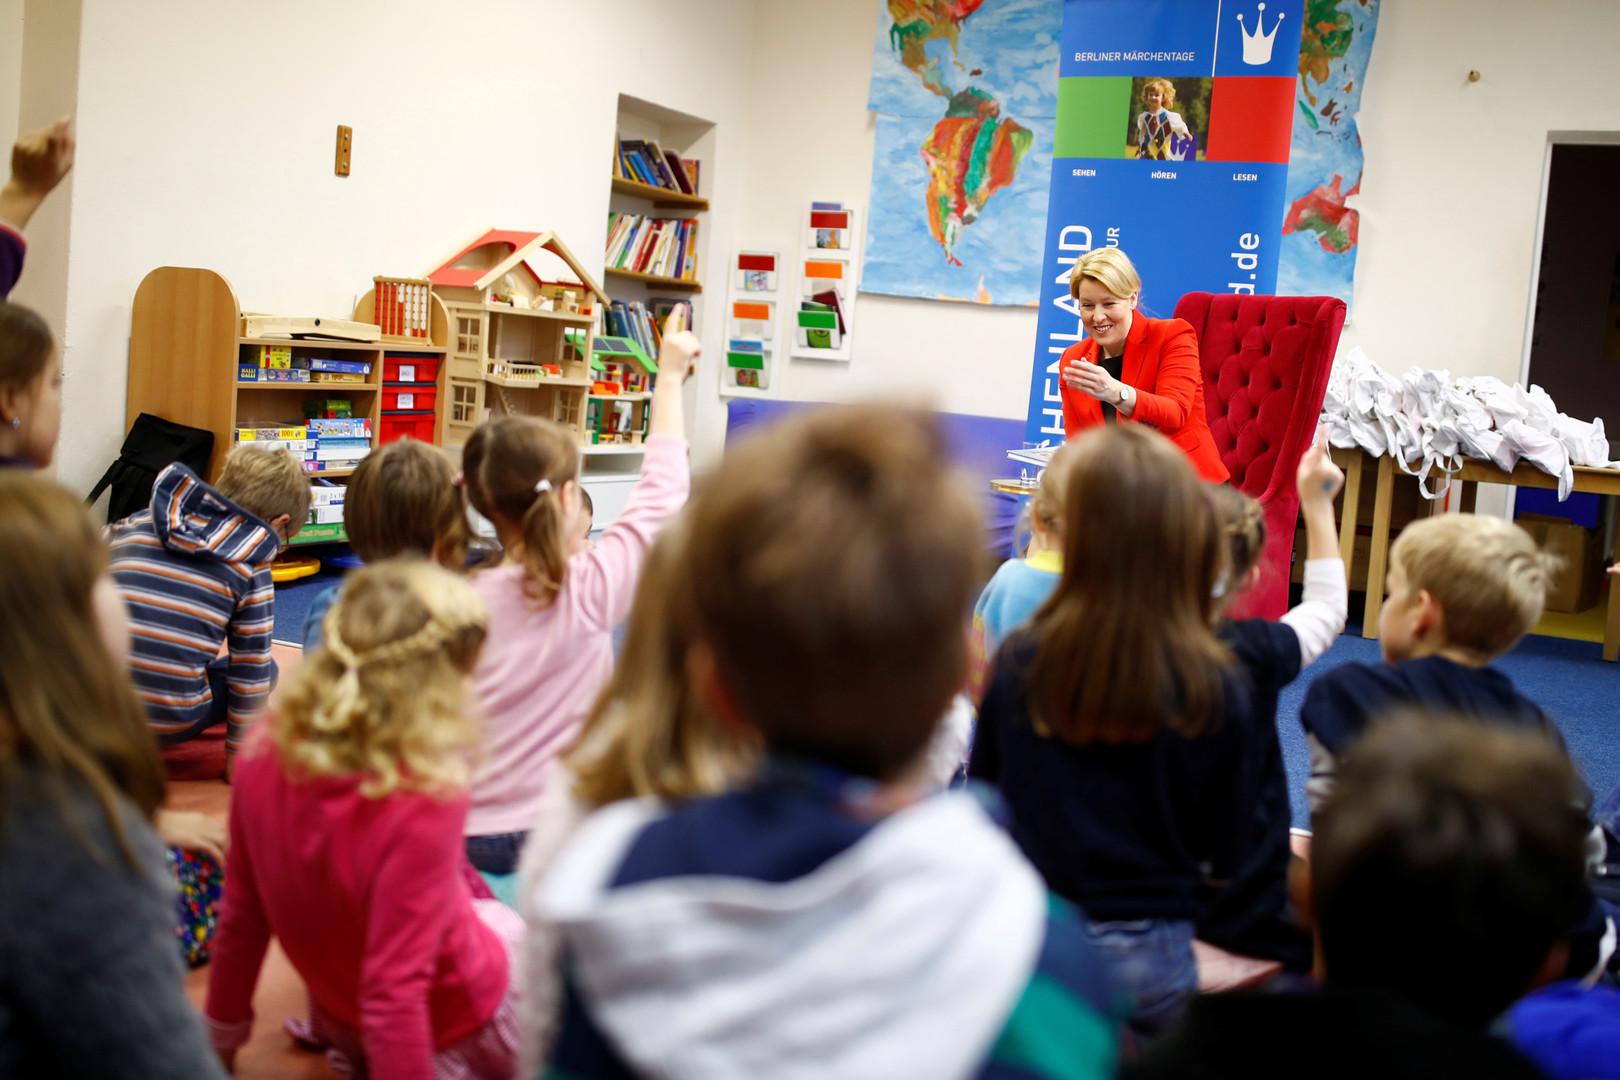 بعد النمسا.. ألمانيا تفكر بحظر الحجاب في المدارس الابتدائية